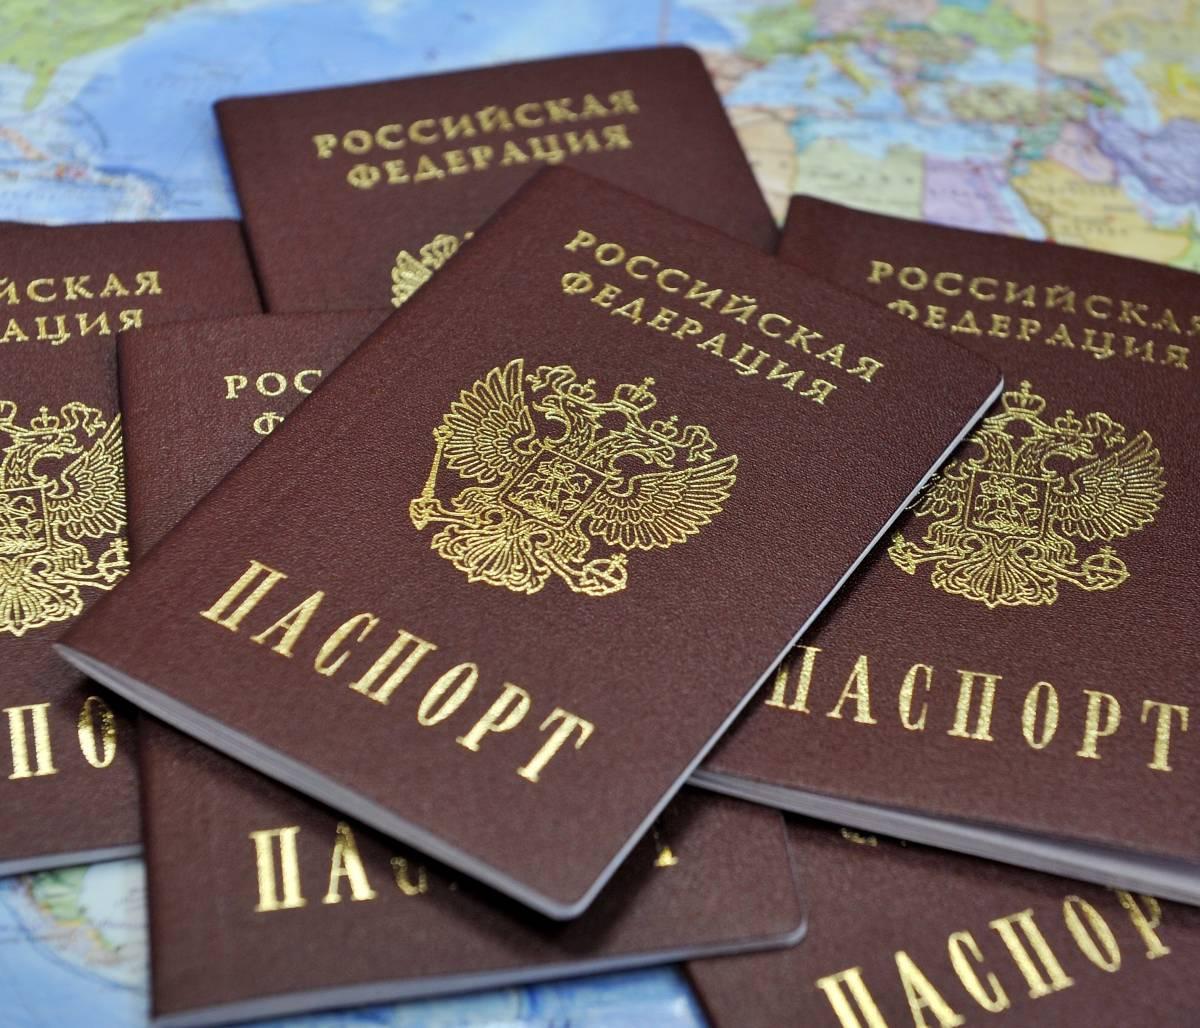 Депутаты предлагают упростить получение гражданства РФ для жителей Донбасса